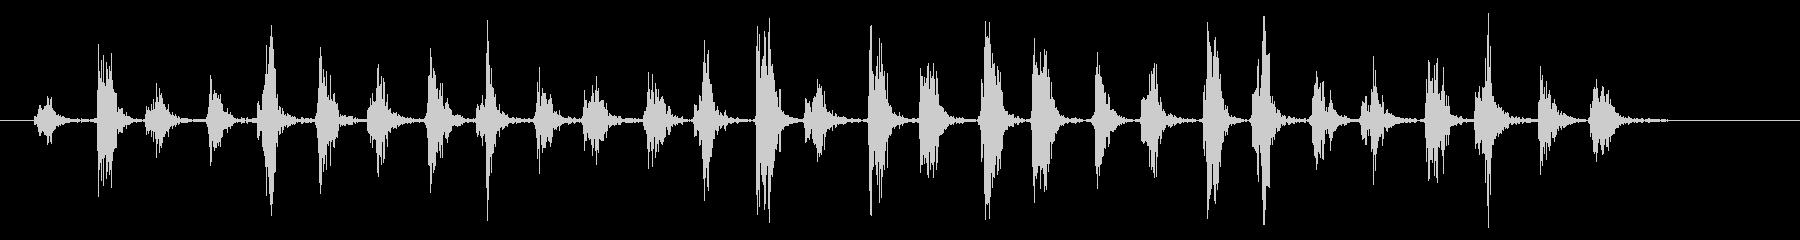 下敷き01-1の未再生の波形